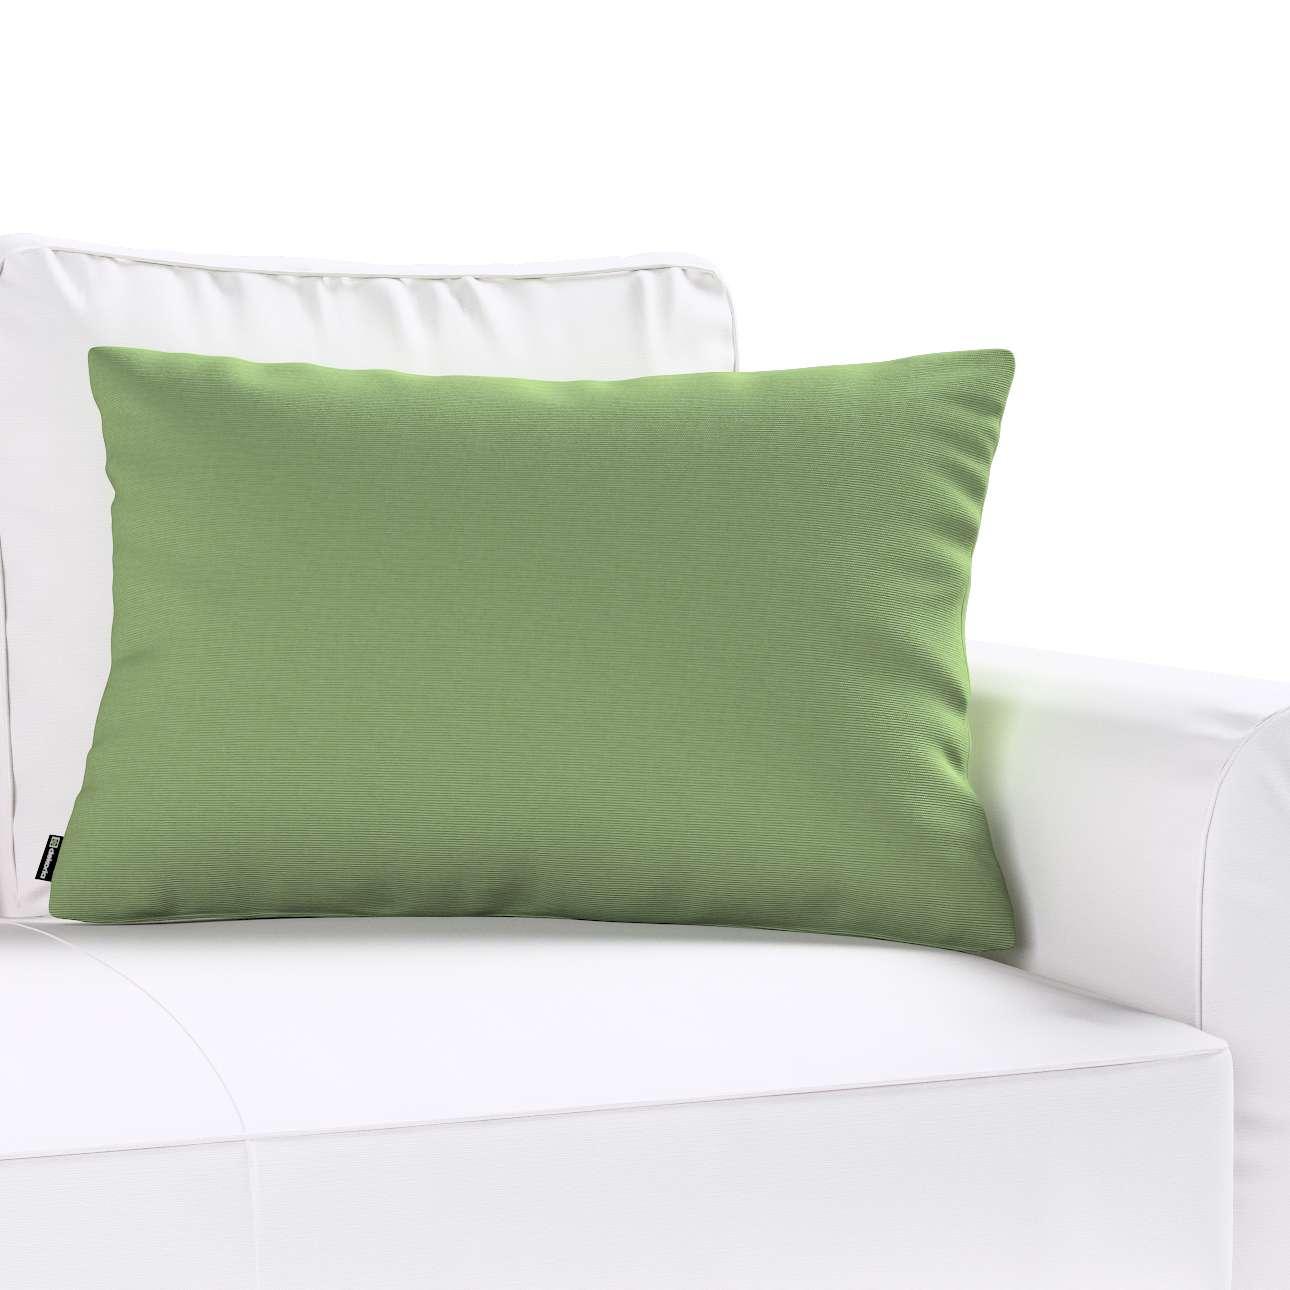 Poszewka Kinga na poduszkę prostokątną w kolekcji Jupiter, tkanina: 127-52